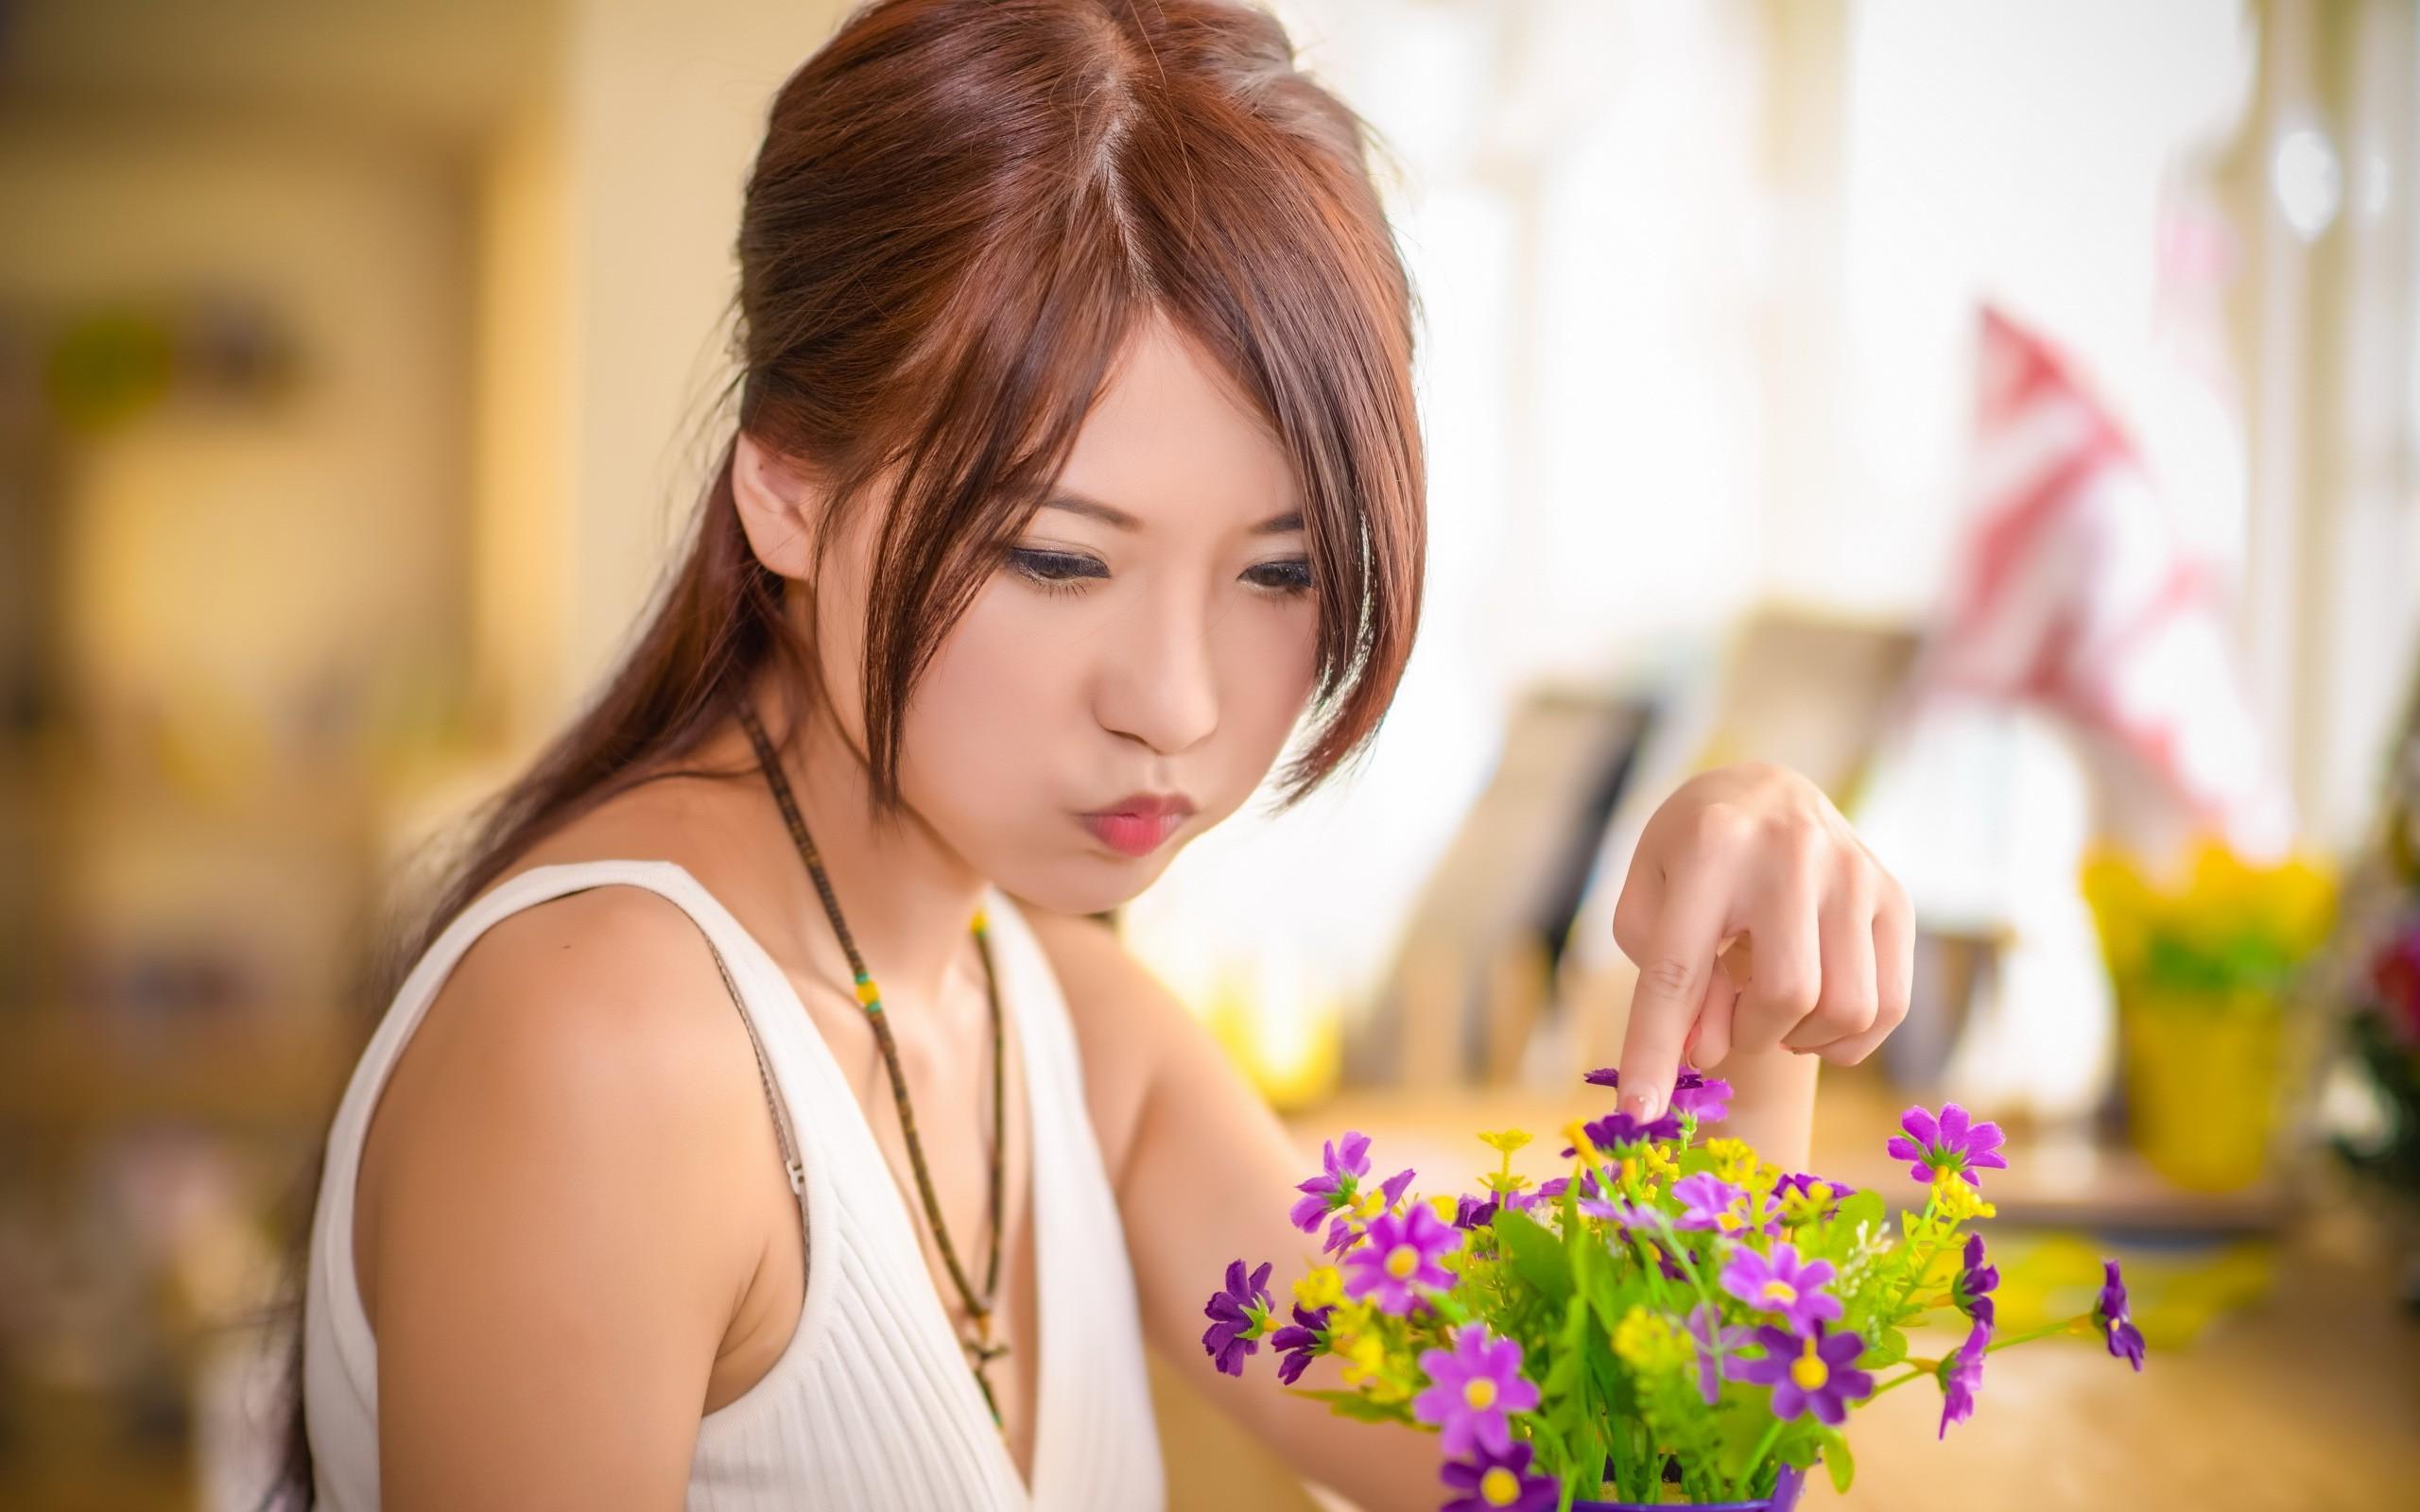 Wallpaper women model flowers long hair Asian spring skin 2560x1600